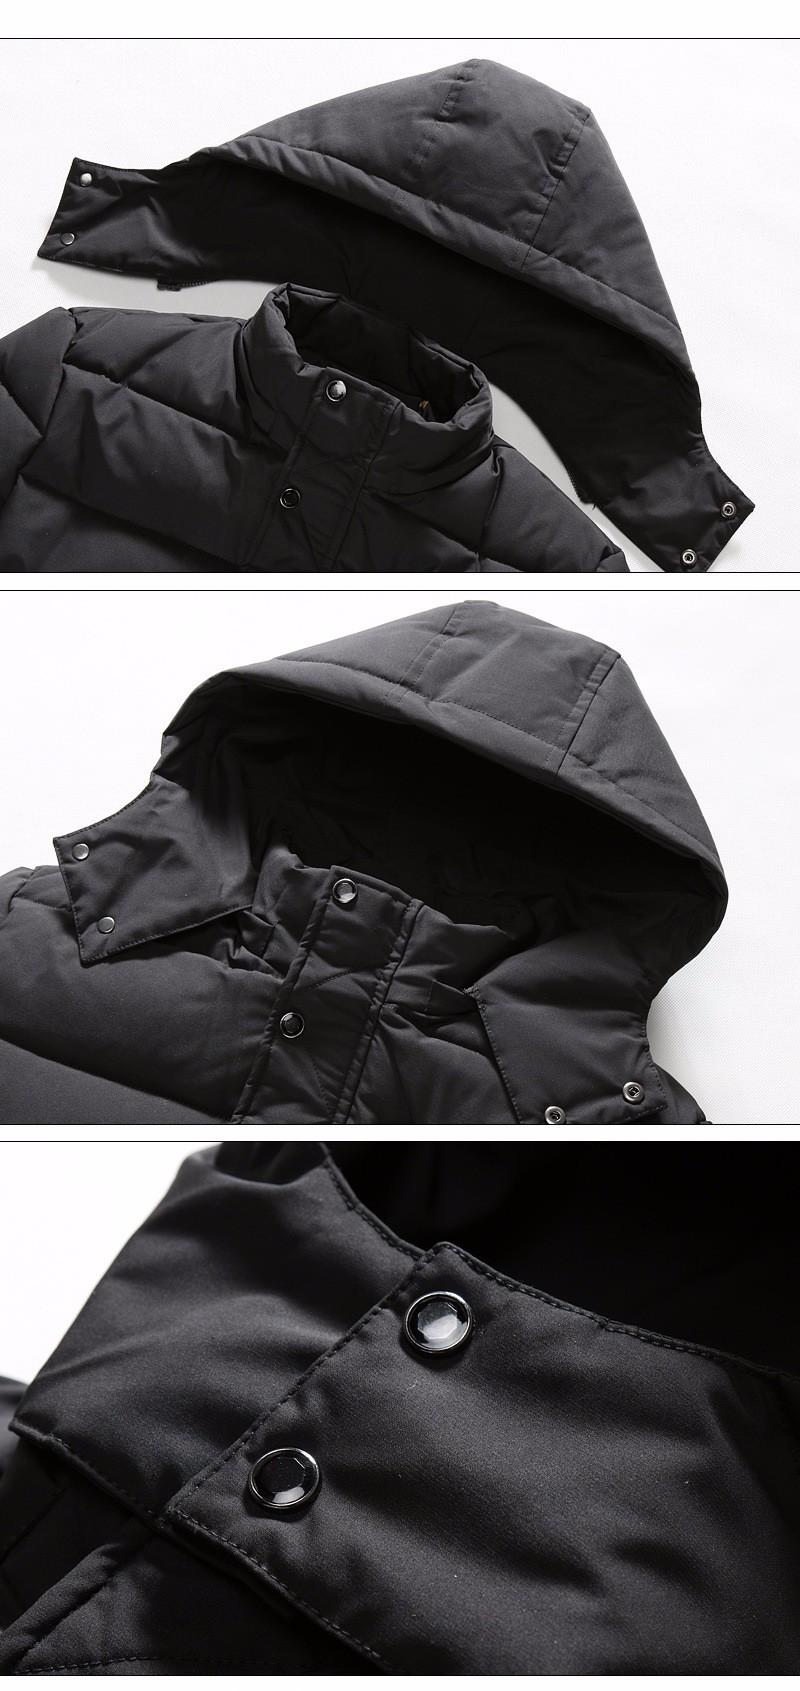 Скидки на Плюс Размер M-4XL 5XL Длинные Зимние Куртки Мужские С Капюшоном Теплая пальто Мужчины 2016 Новая Мода Тонкий Снег Парки Толстые Высокие качество